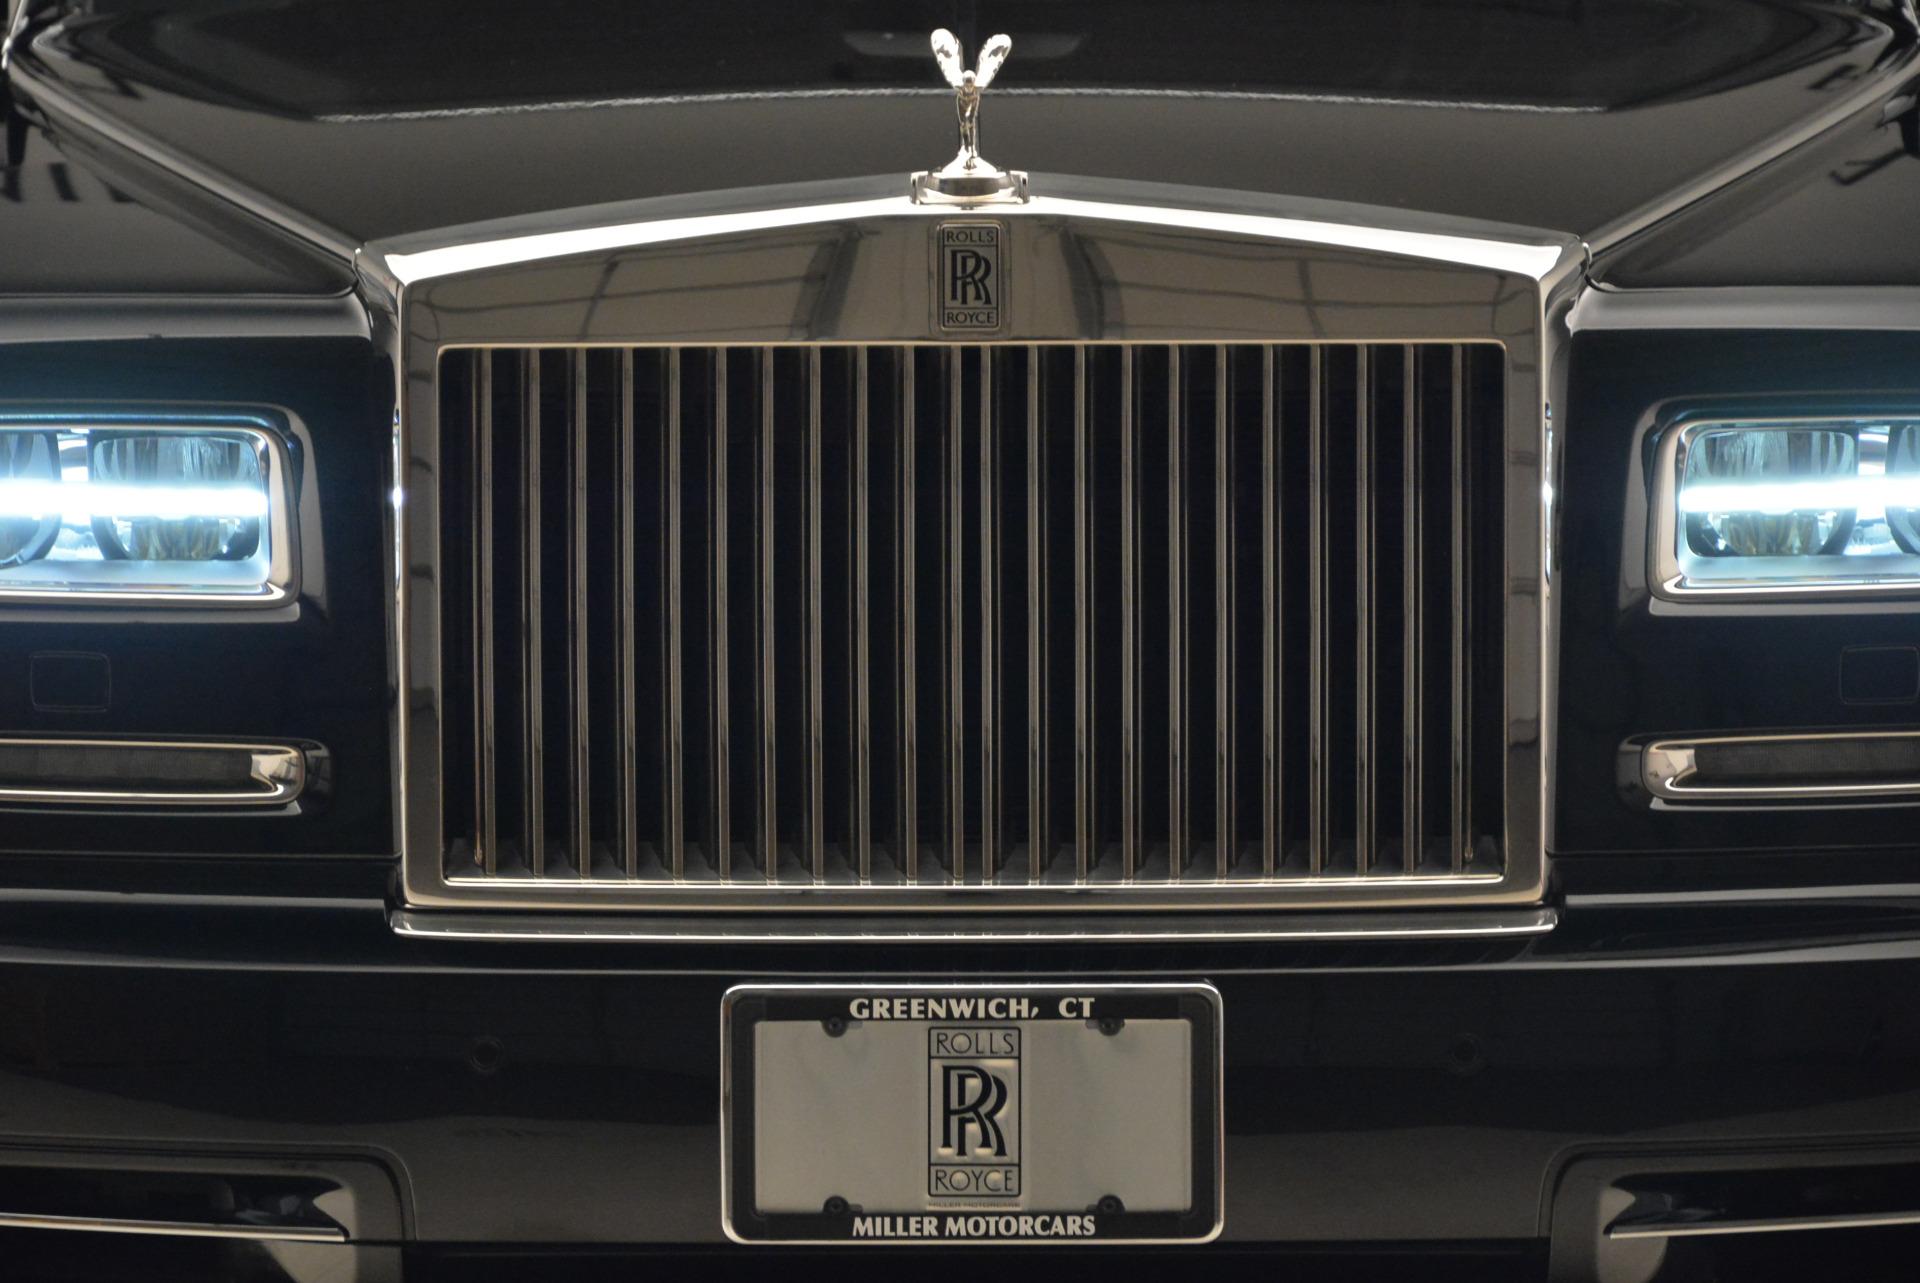 Used 2014 Rolls-Royce Phantom EWB For Sale In Greenwich, CT 2051_p5